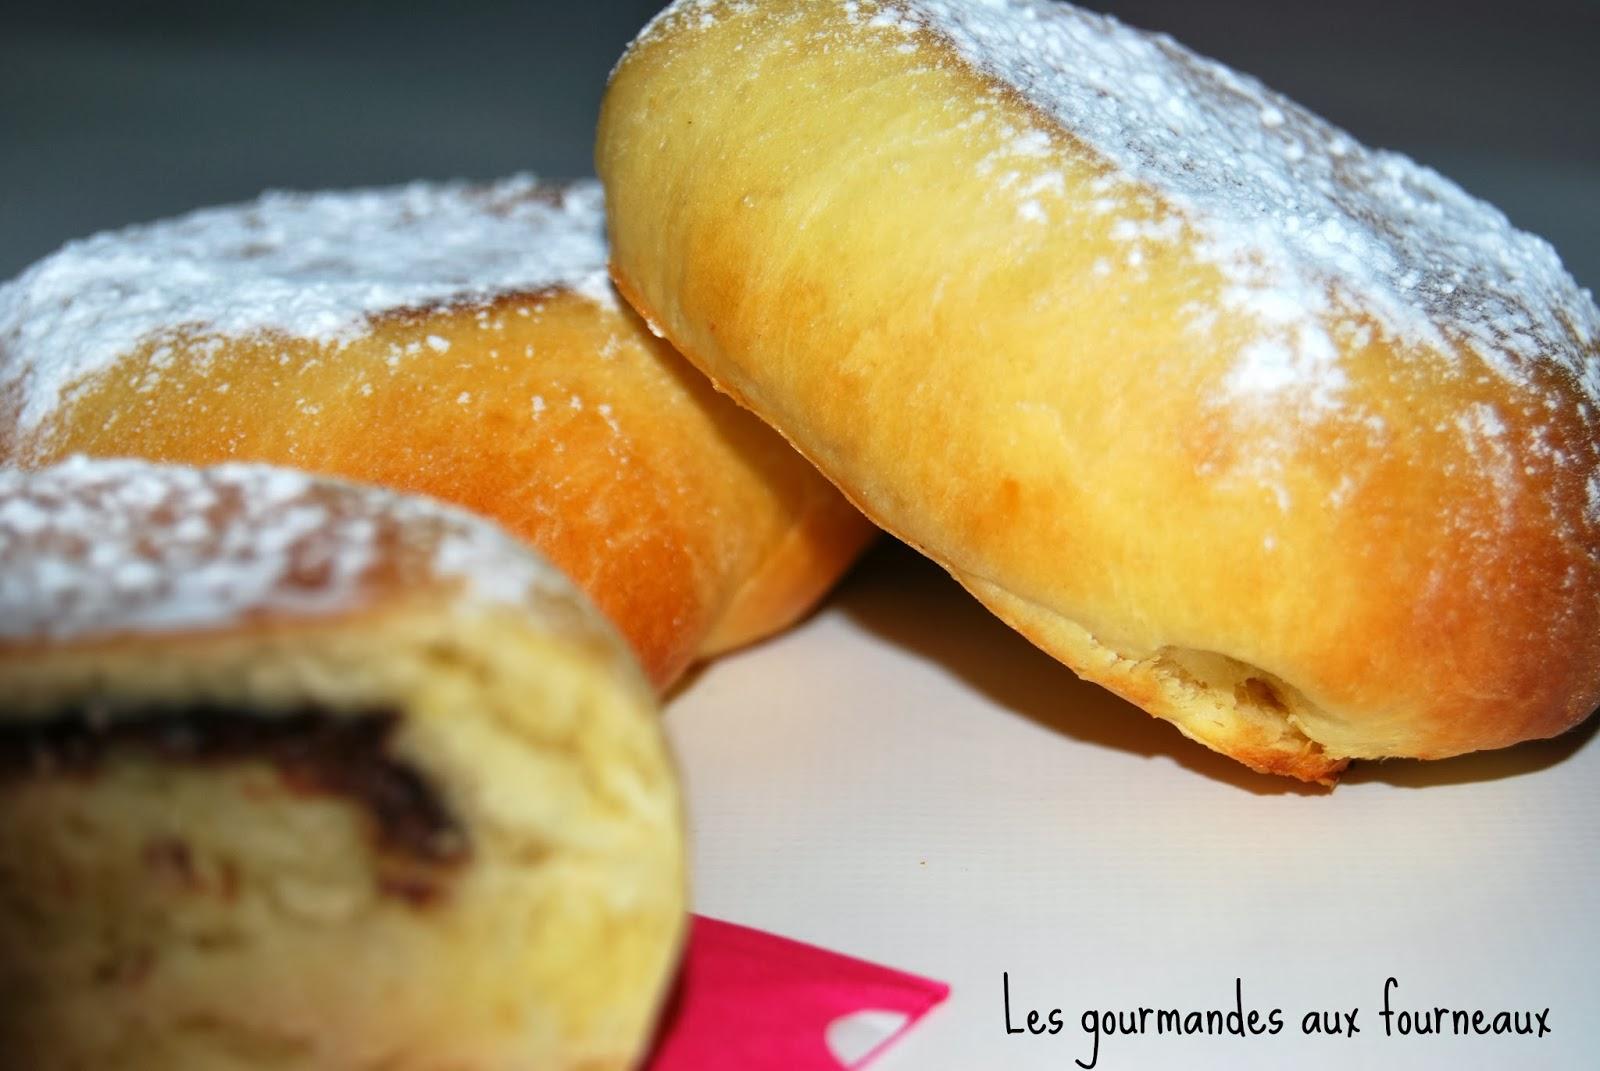 Les gourmandes aux fourneaux beignets au four - La ferme aux beignets ...